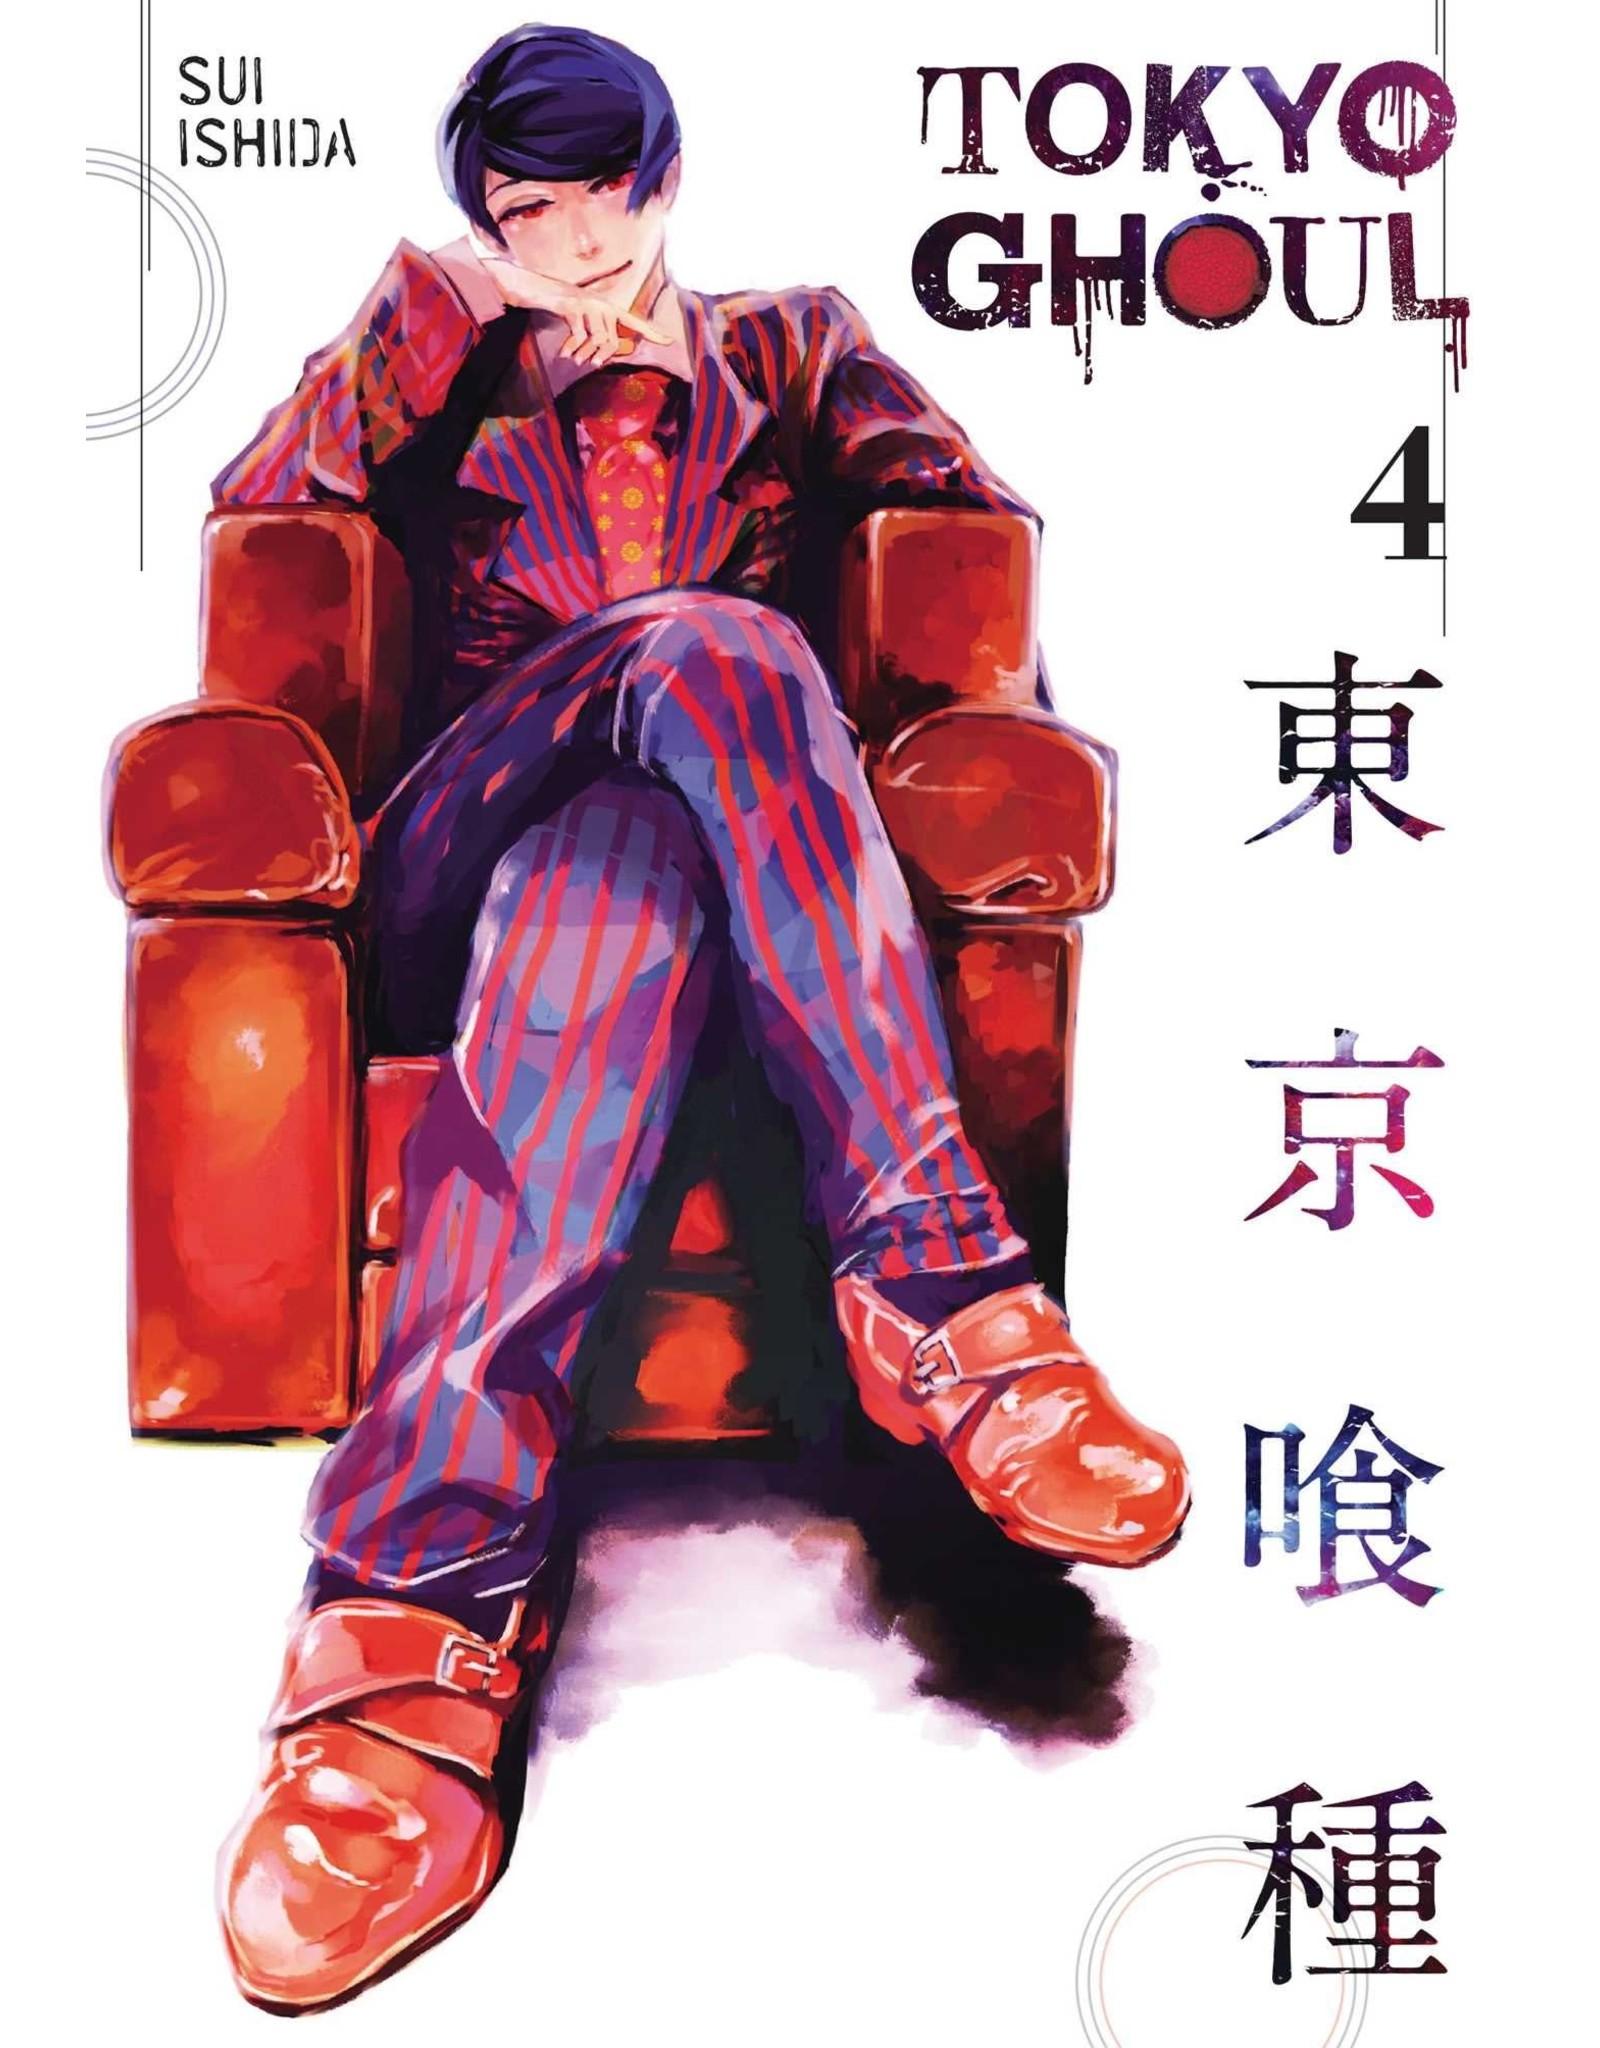 Tokyo Ghoul 04 (English Version)